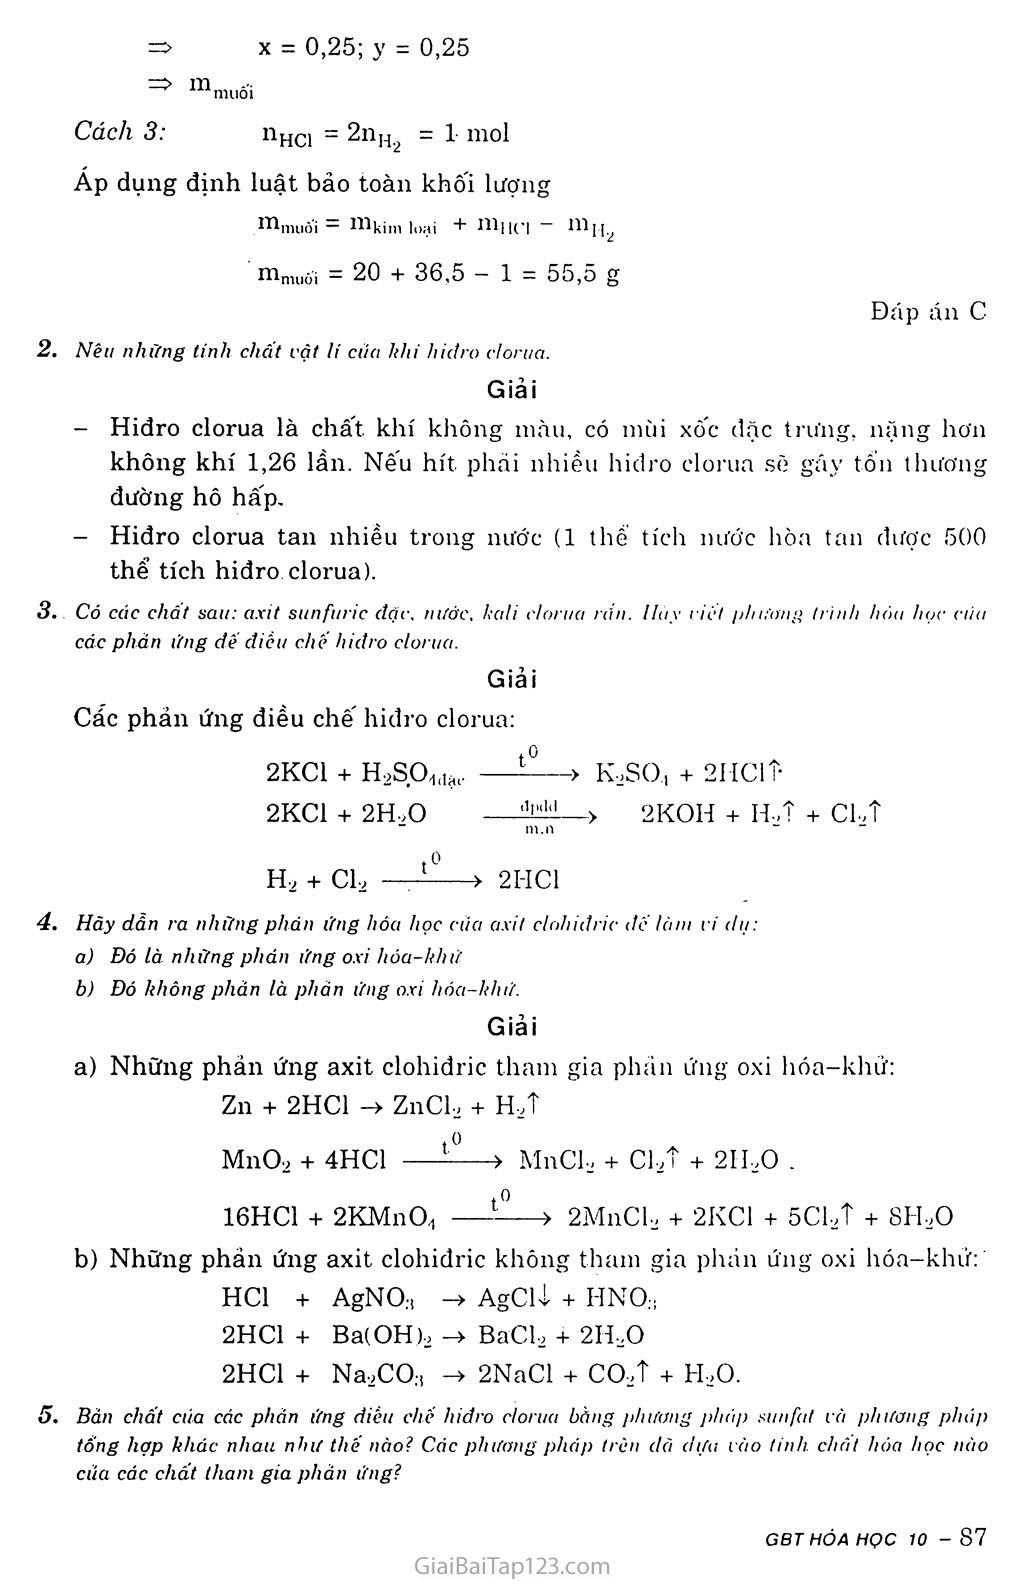 Bài 23: Hiđroclorua - Axit clohiđric và muối clorua trang 4